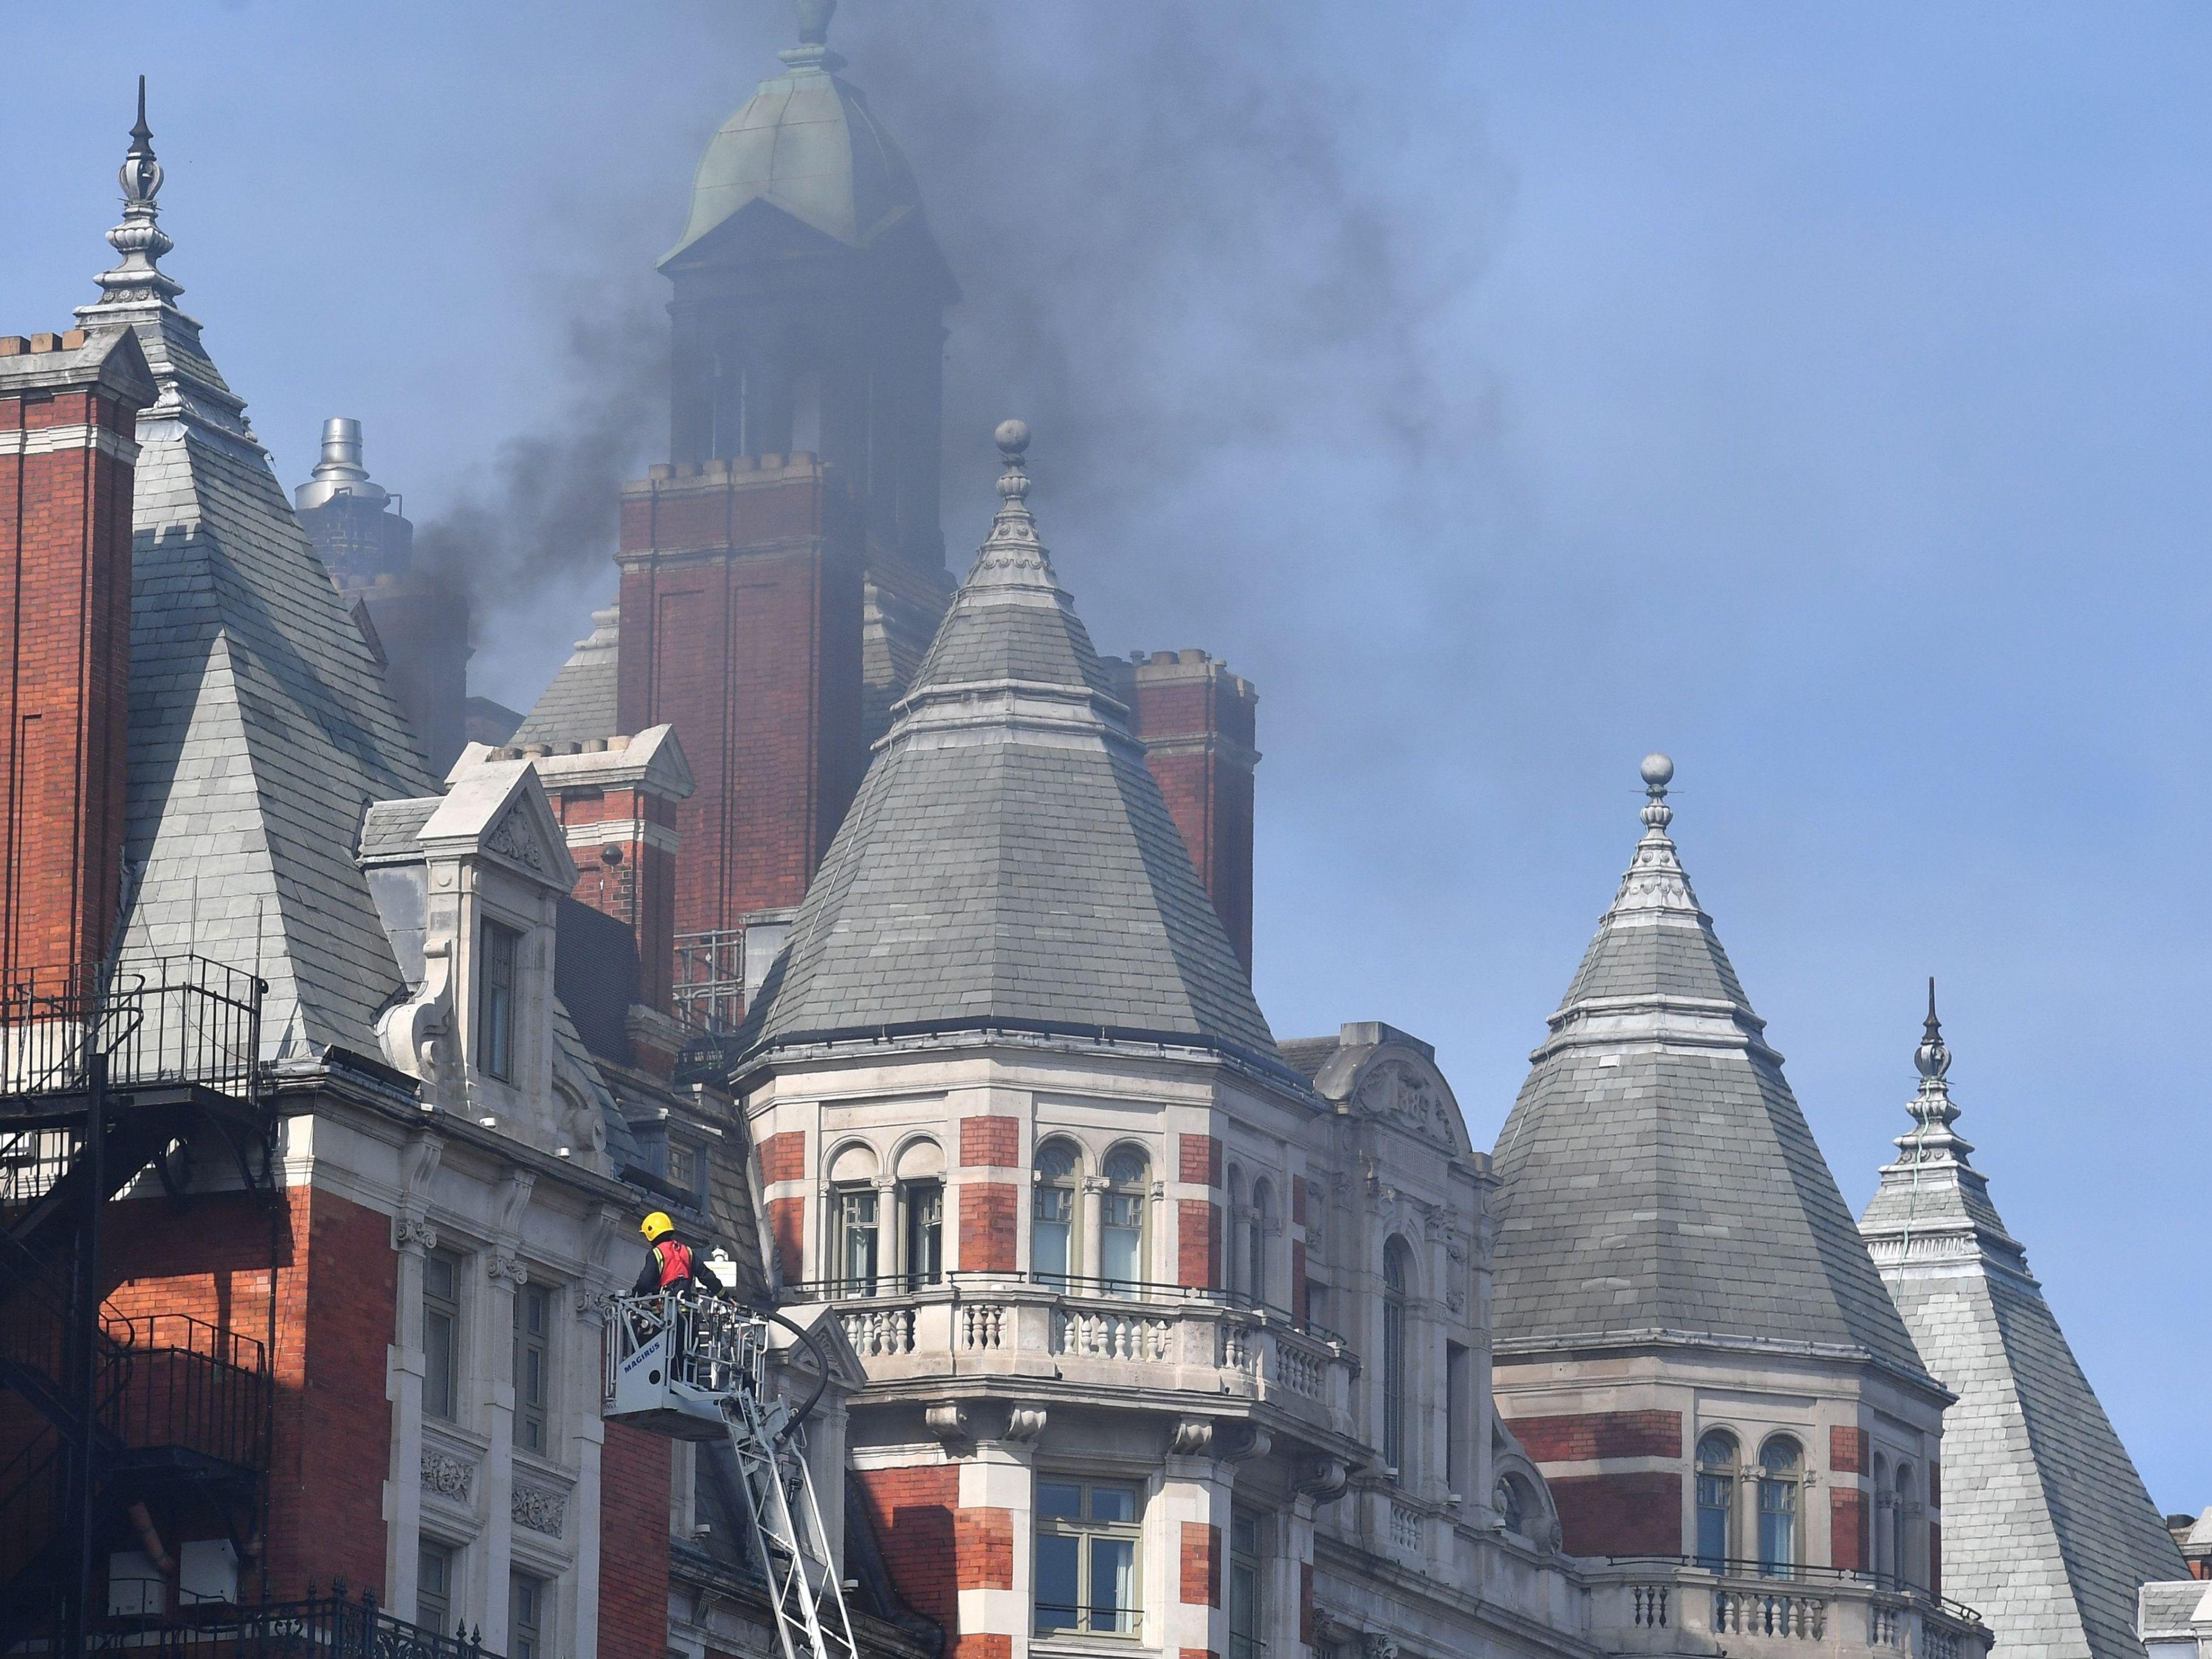 Robbie Williams flieht aus brennendem Hotel in London